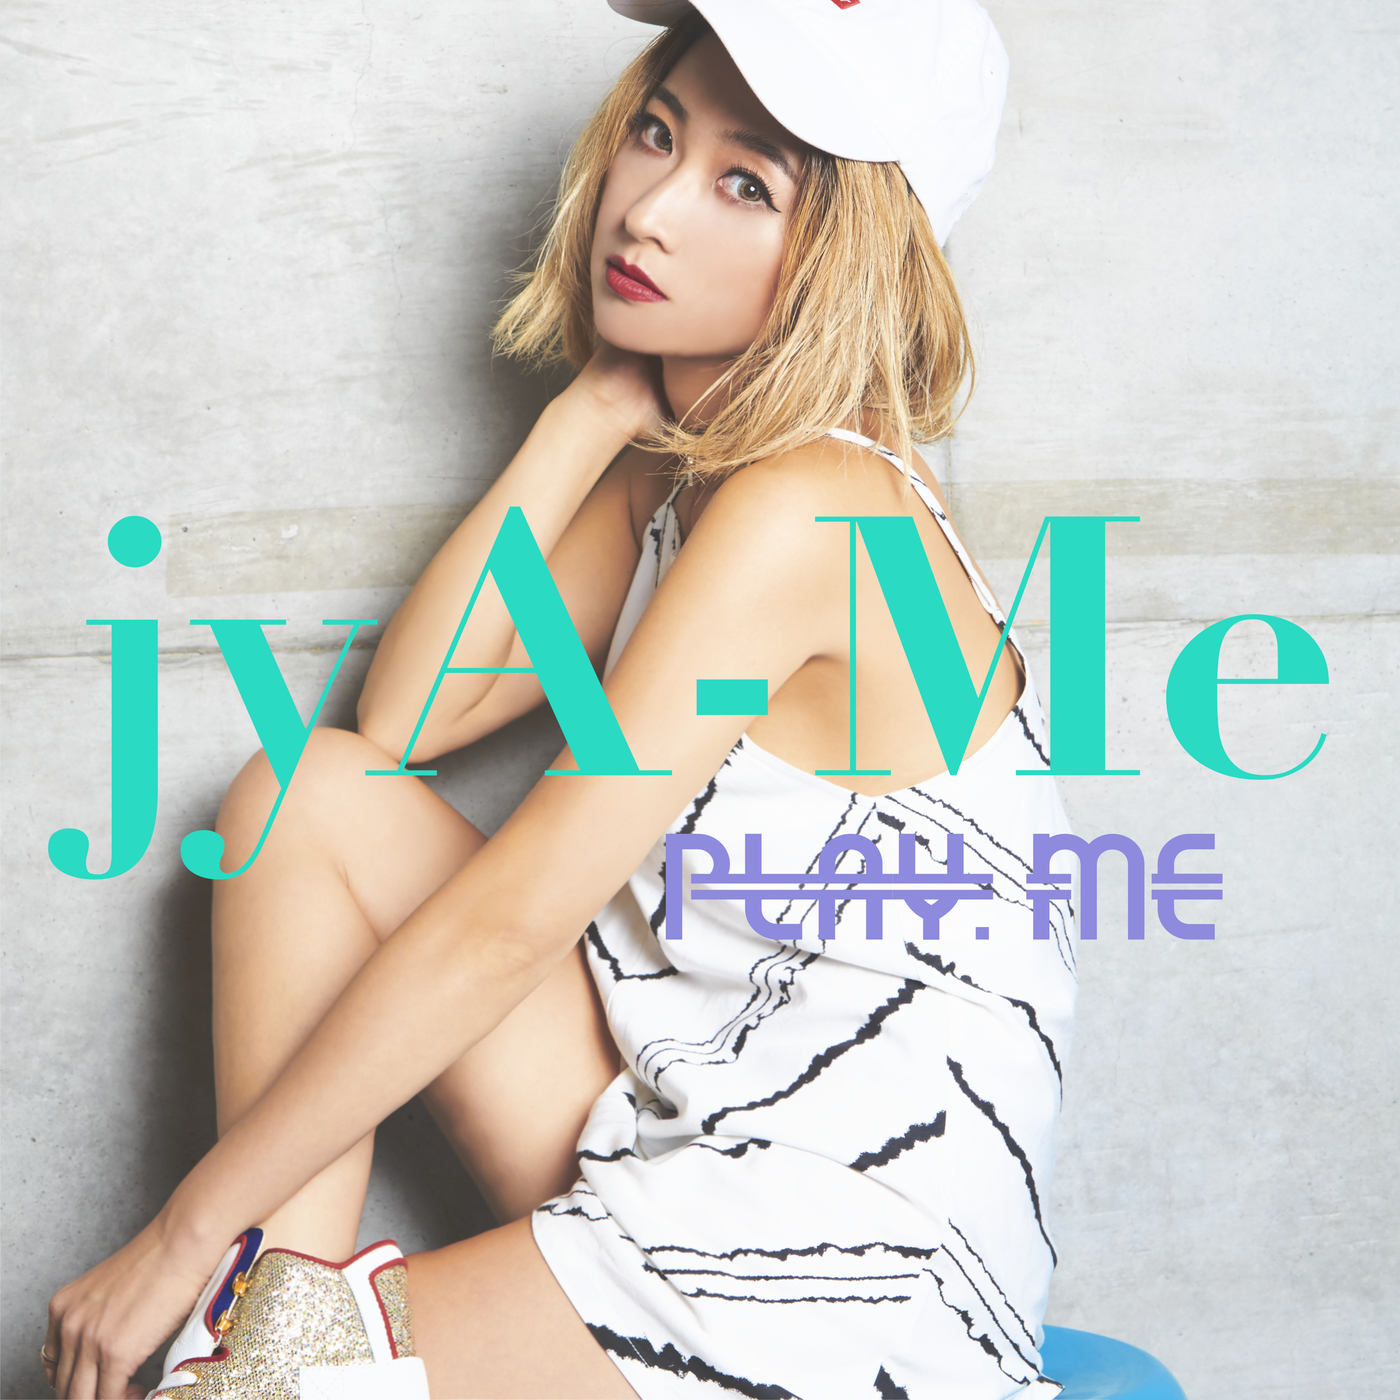 20160715.03.02 jyA-Me - PLAY. Me cover.jpg